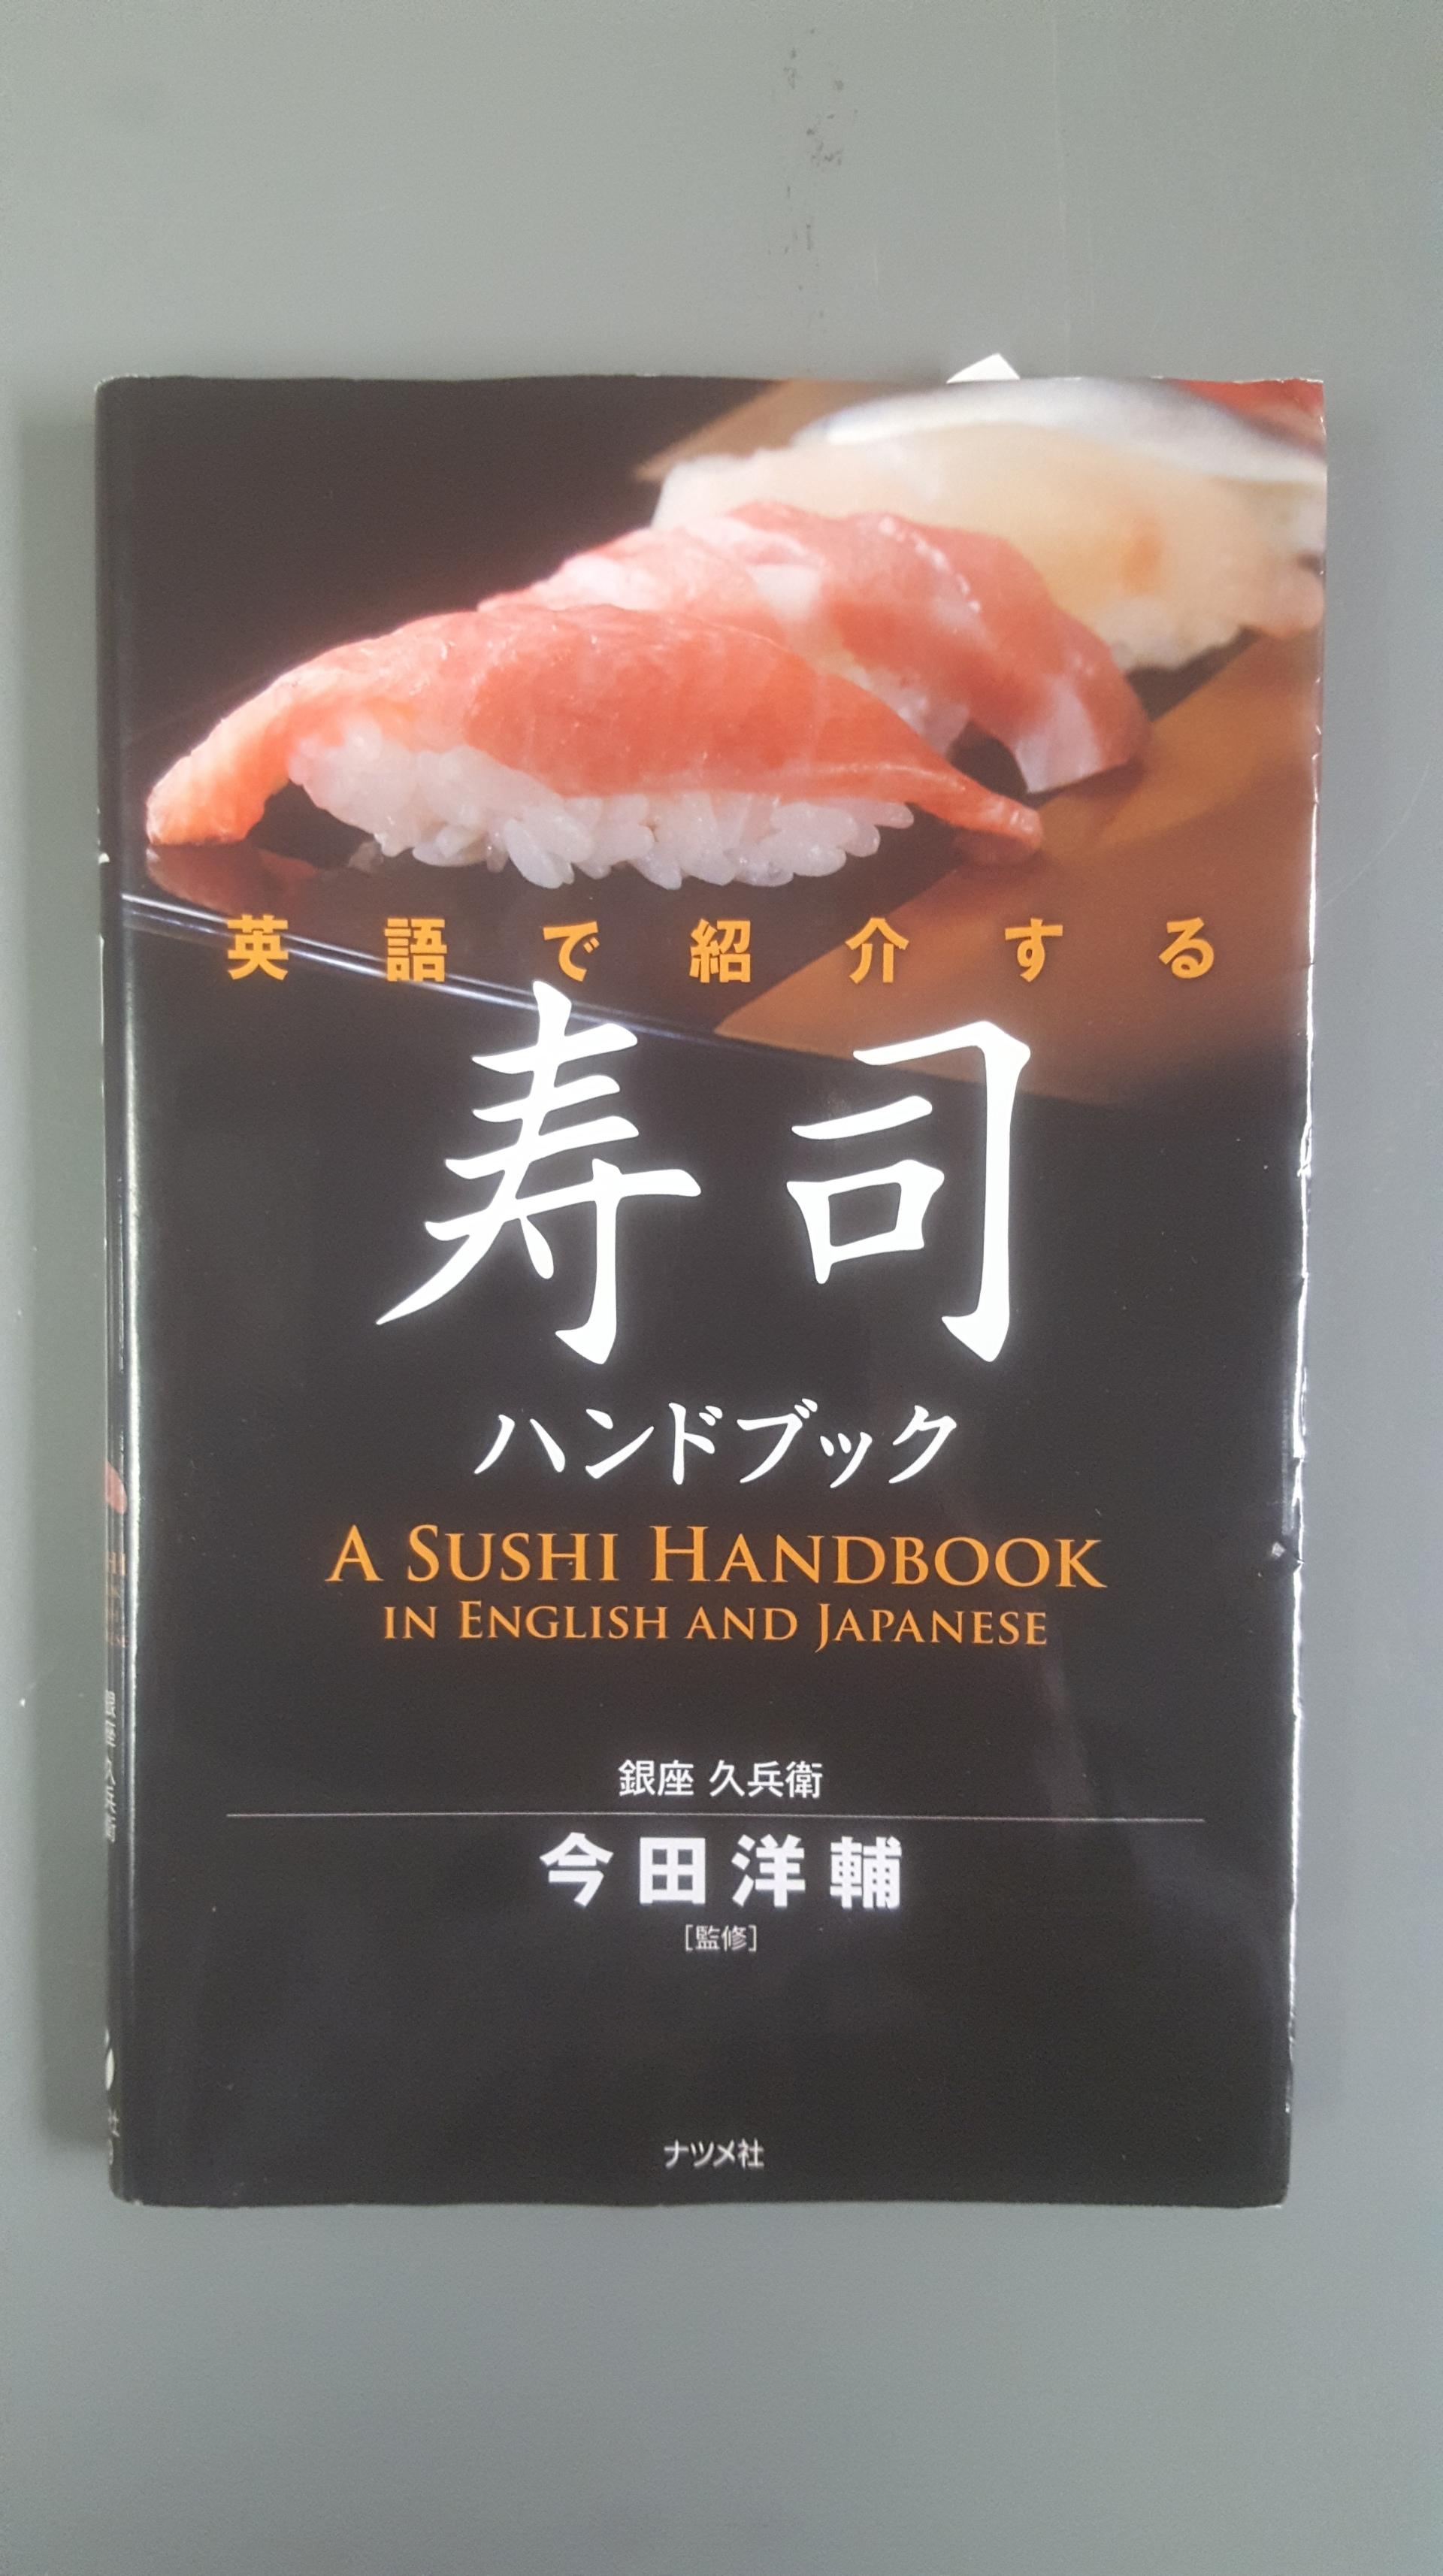 Sushihandbook